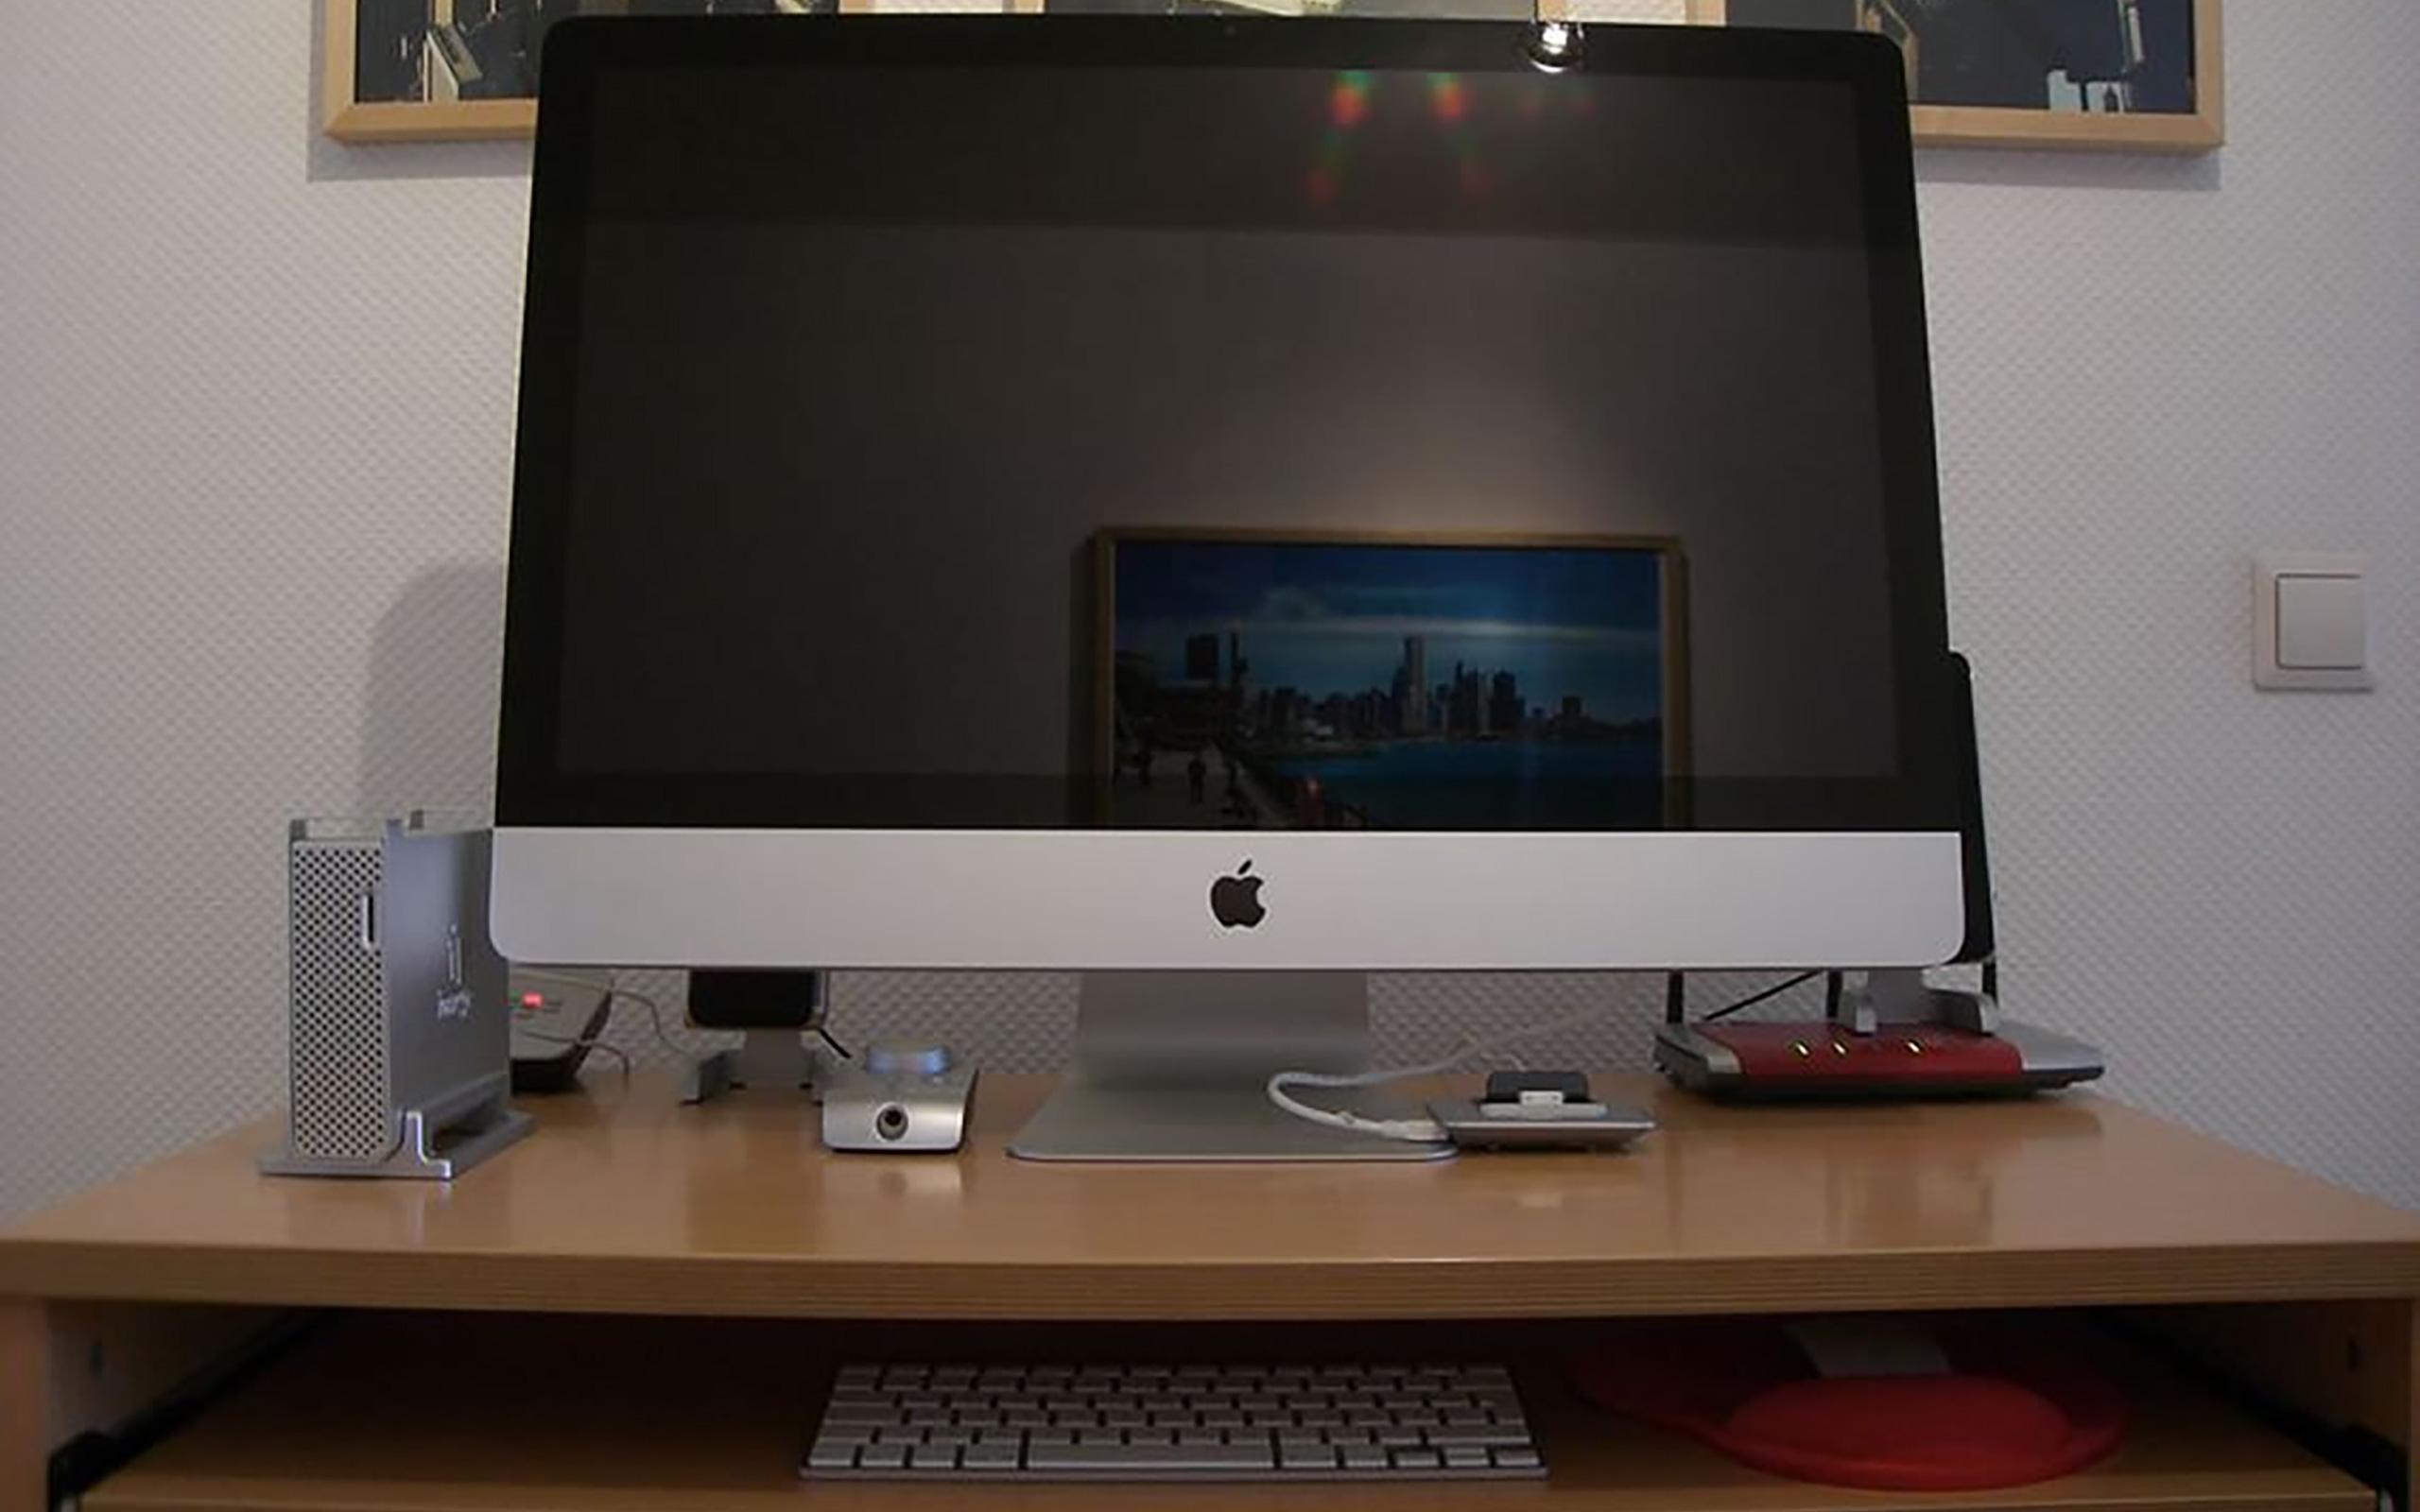 iMac im Detail